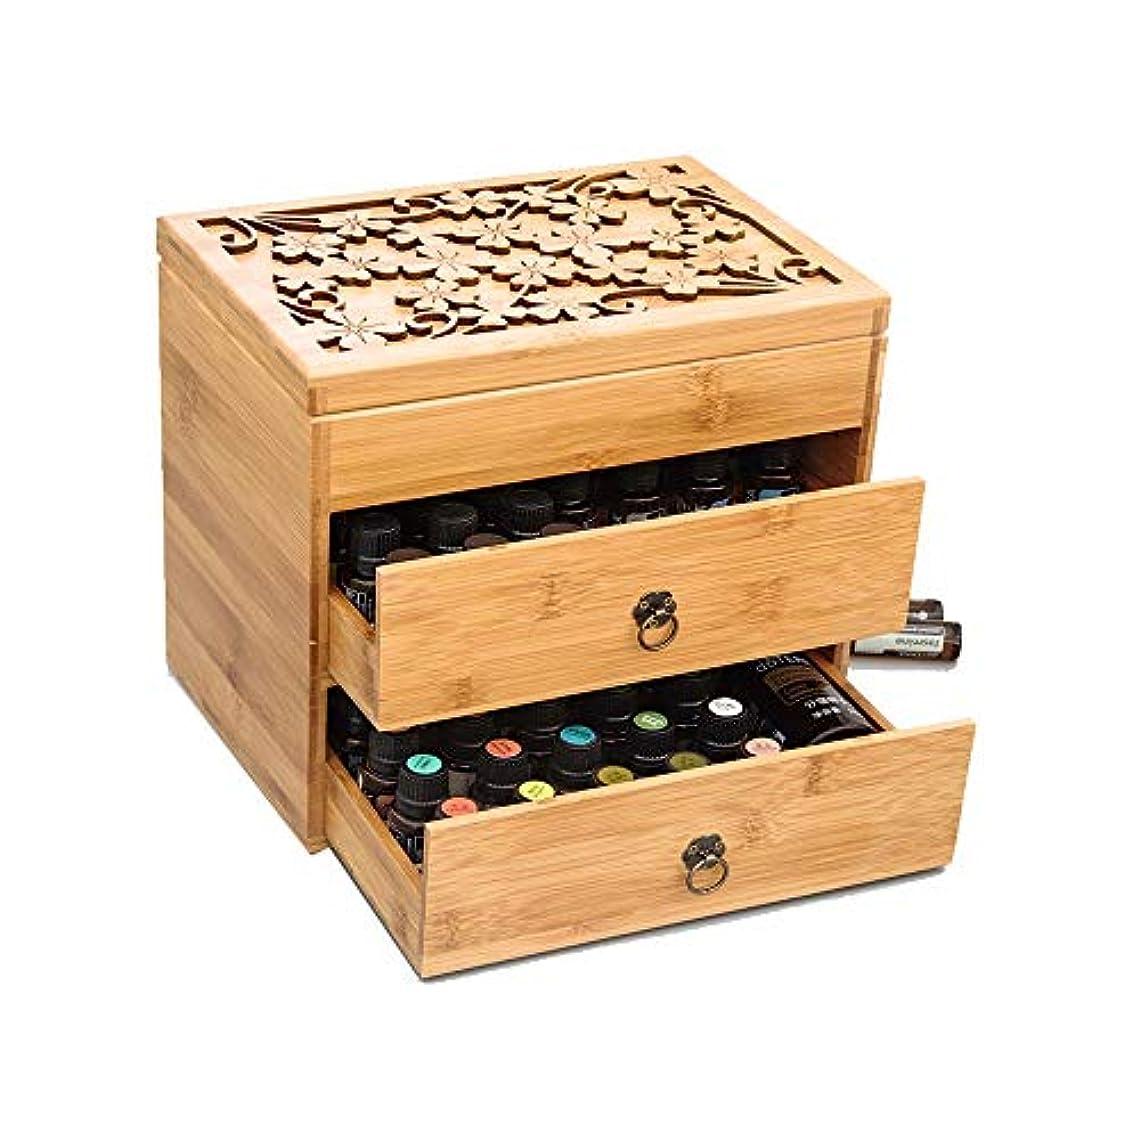 微生物階下泥精油ケース 3ティアエッセンシャルオイルボックスケースは、エレガントな装飾的なデザインでは5、10&15ミリリットルボトル木製収納を保護します 携帯便利 (色 : Natural, サイズ : 26X18X24.5CM)